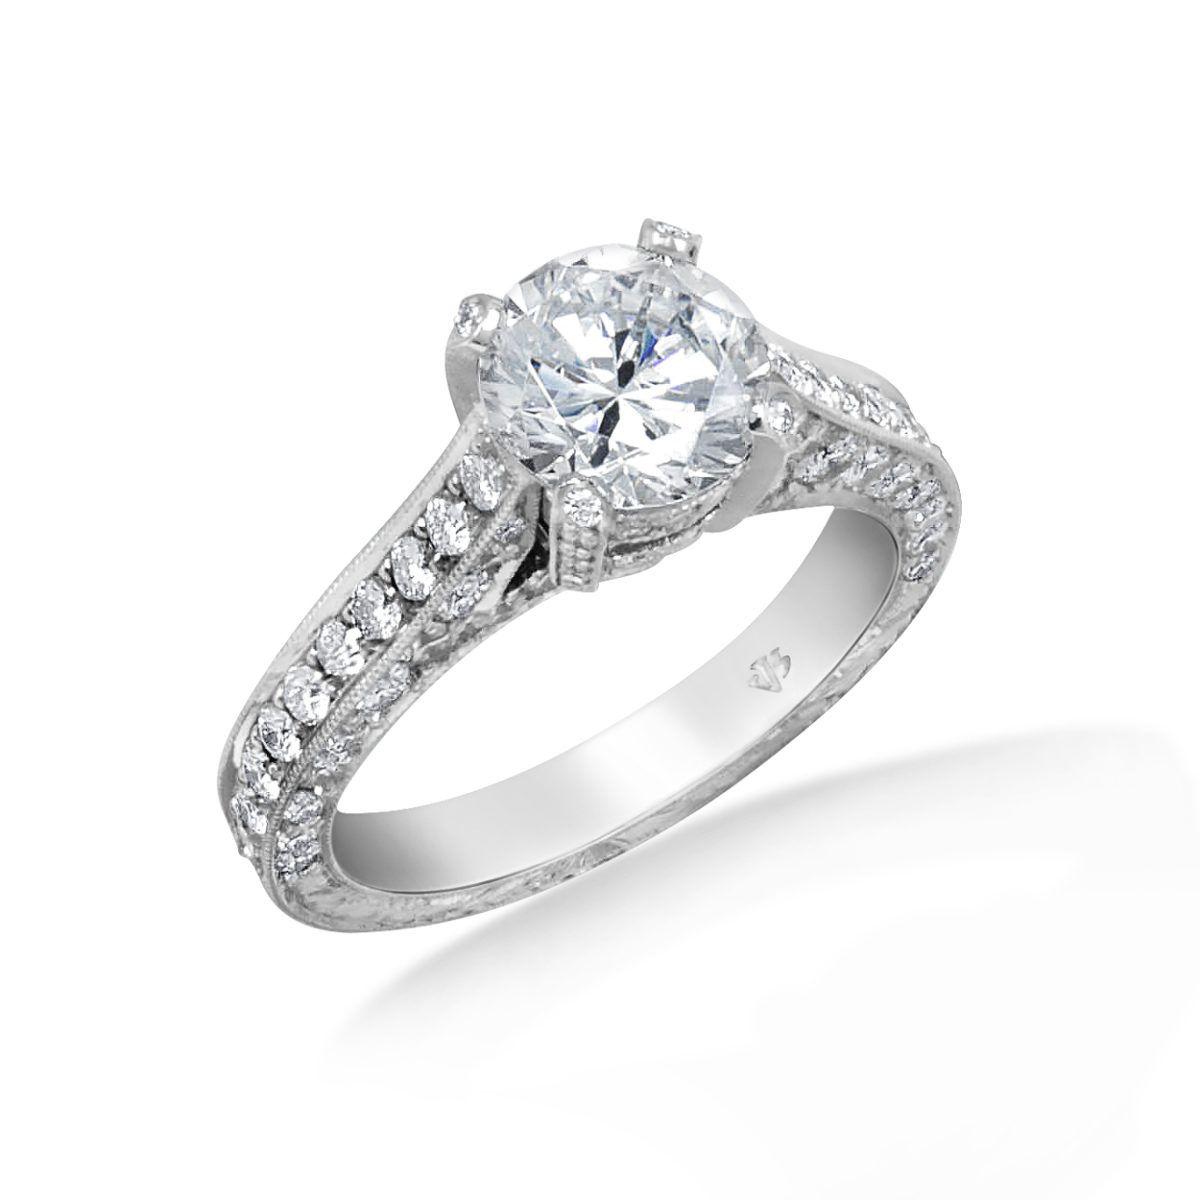 Jack Kelege Cathedral Engagement Ring - KPR289